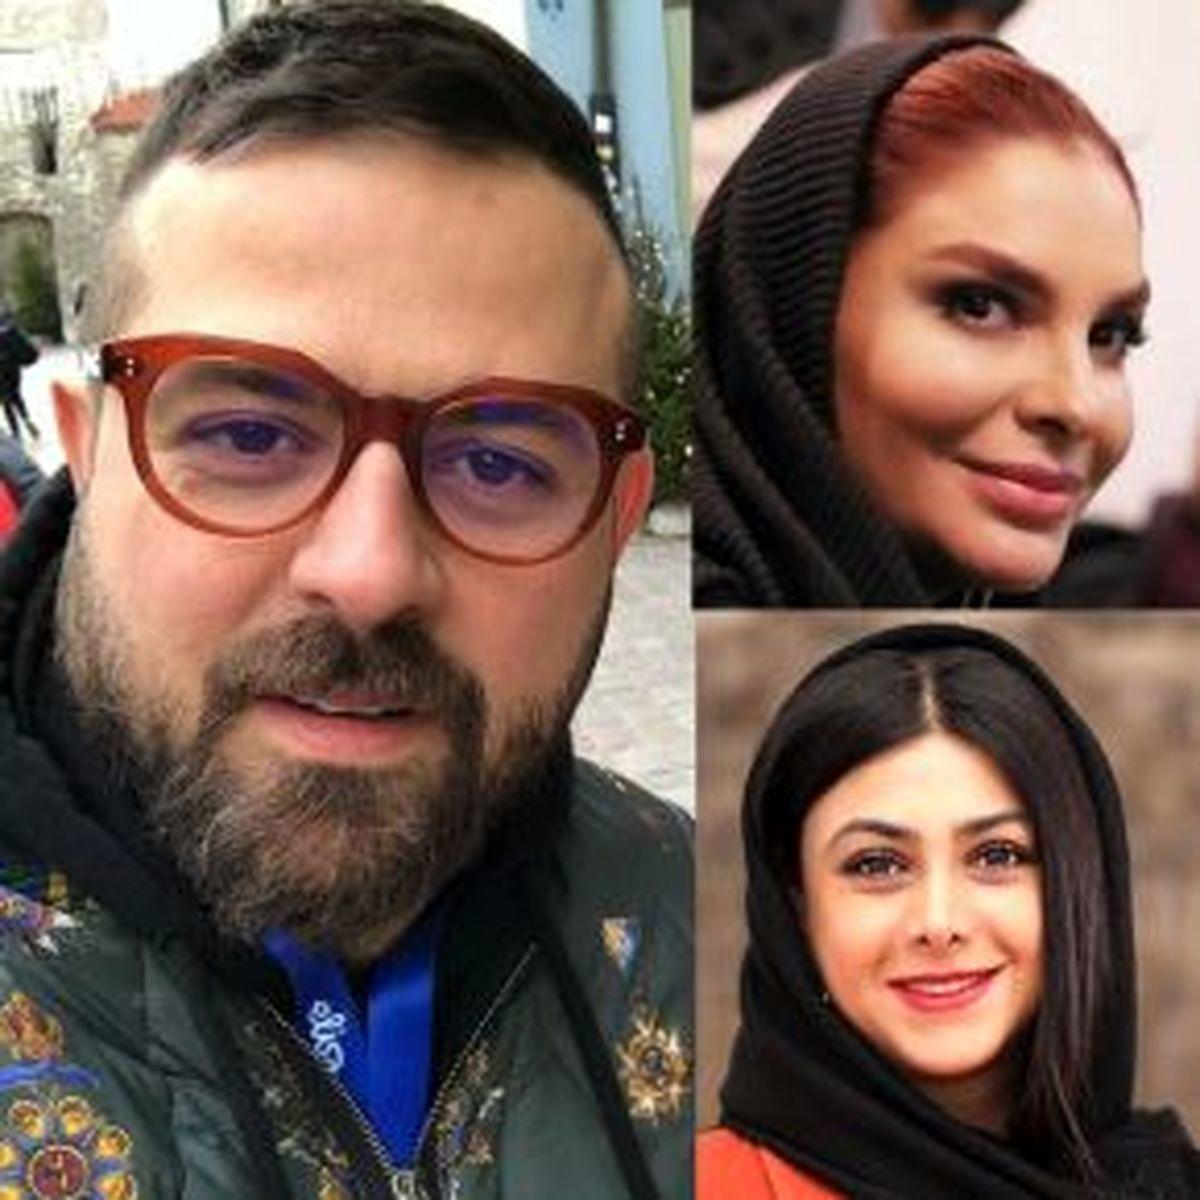 عاشقانه های هومن سیدی و همسر جدیدش +عکس هومن سیدی در کنار دخترش